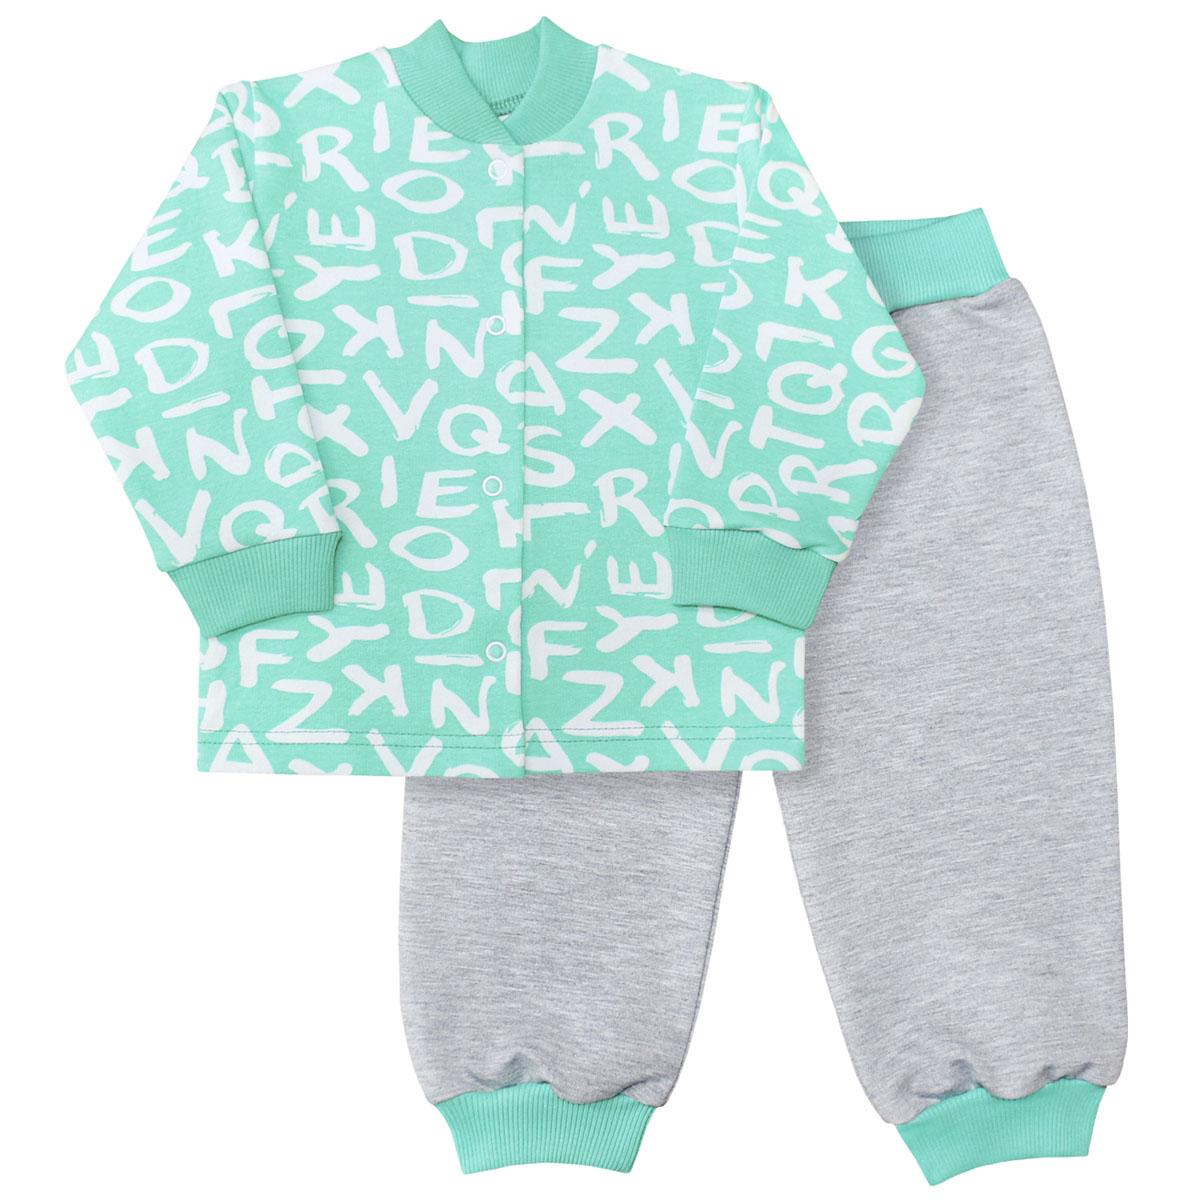 Комплект для мальчика Веселый малыш Буквы: кофточка, брюки, цвет: зеленый. 22136/142/бу-ментол. Размер 74 веселый малыш комплект трусов 2 шт